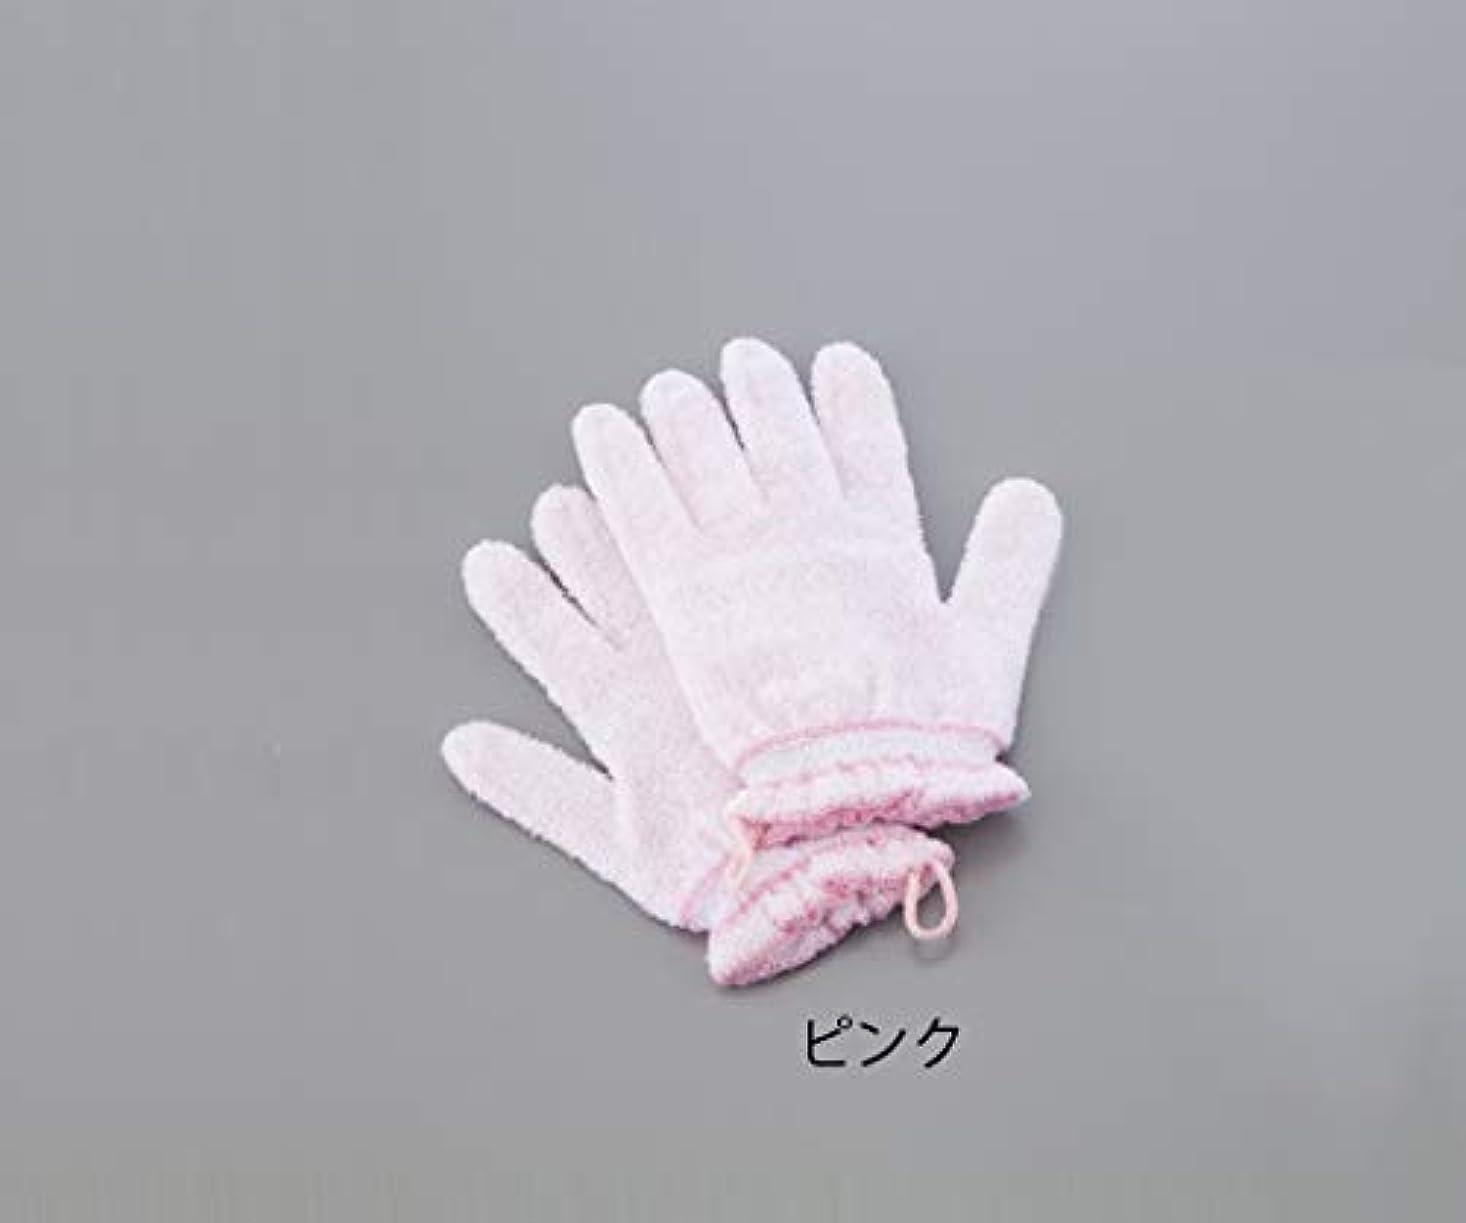 しかしながらバンガロー推進力0-4015-01浴用手袋(やさしい手)ピンク